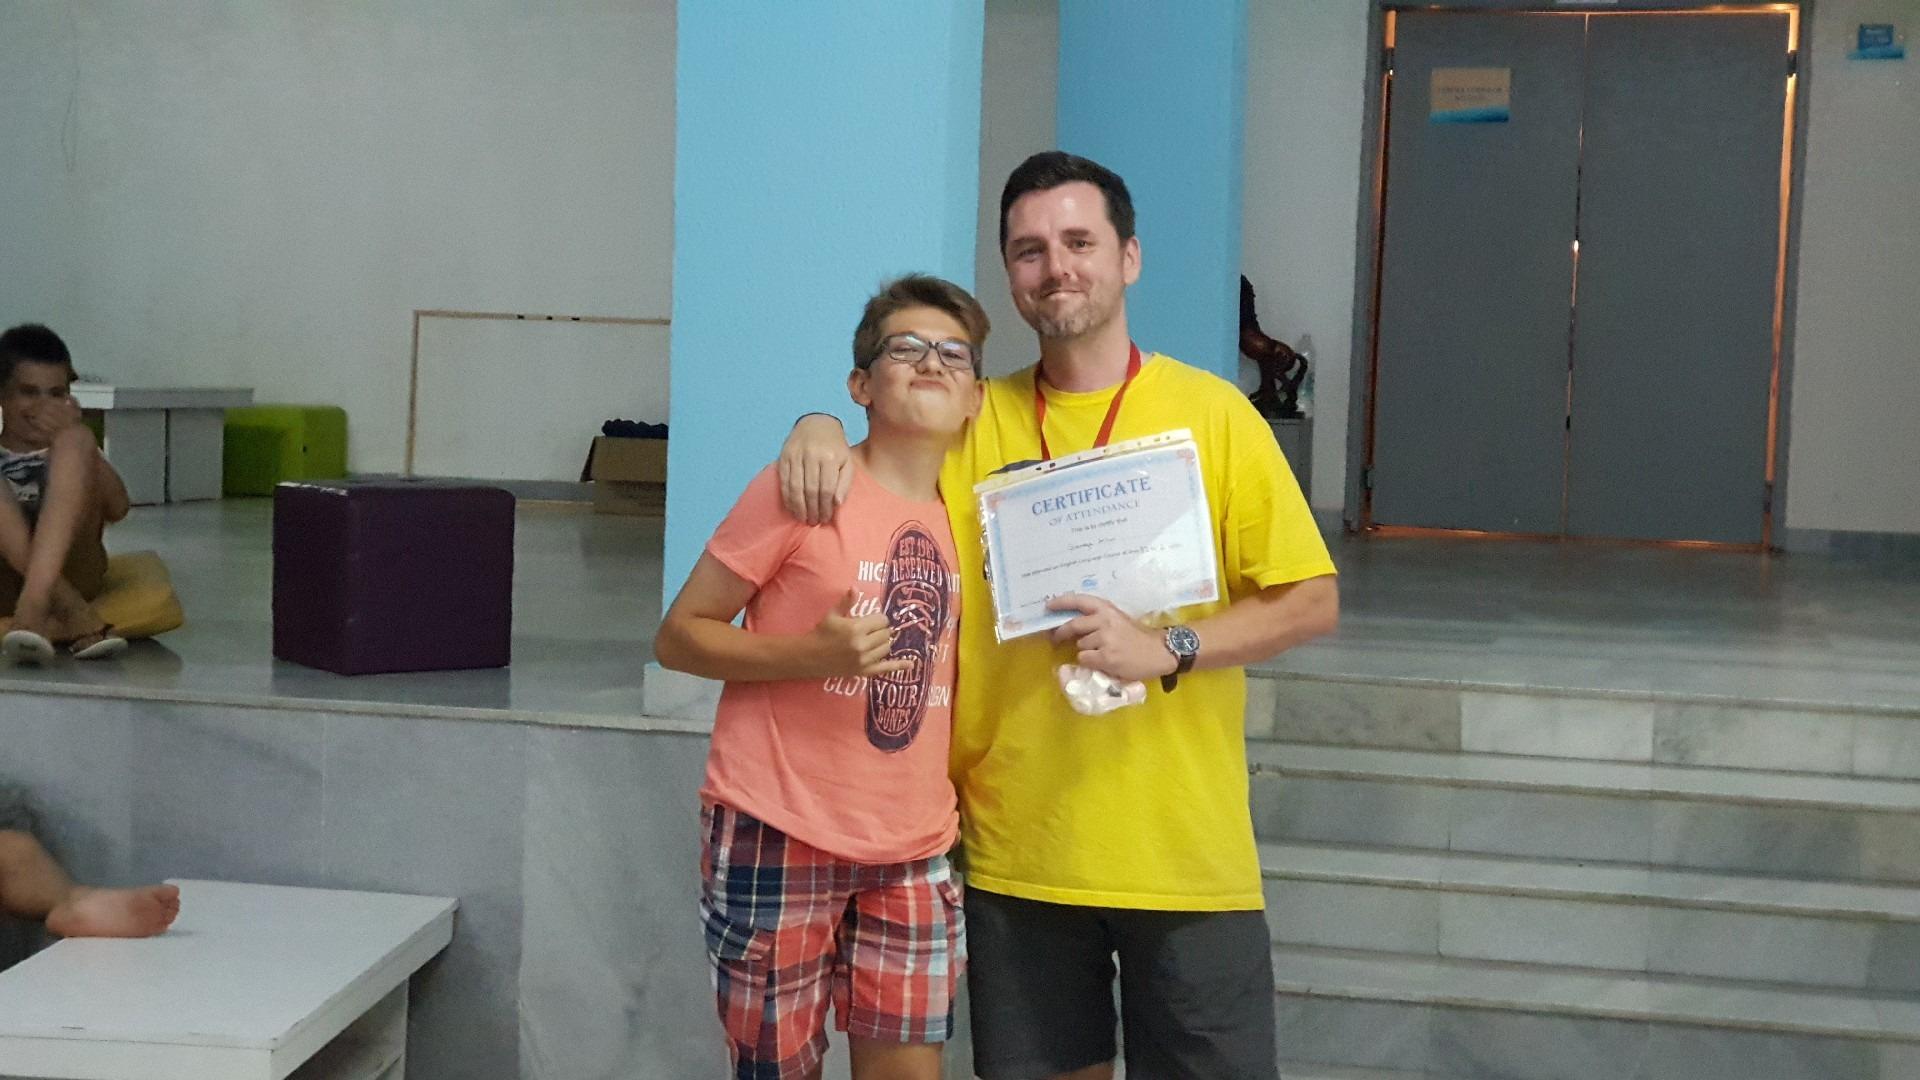 летни езикови лагери за деца Z кемп, Ден 38 - последна вечер - момче получава сертификат по английски